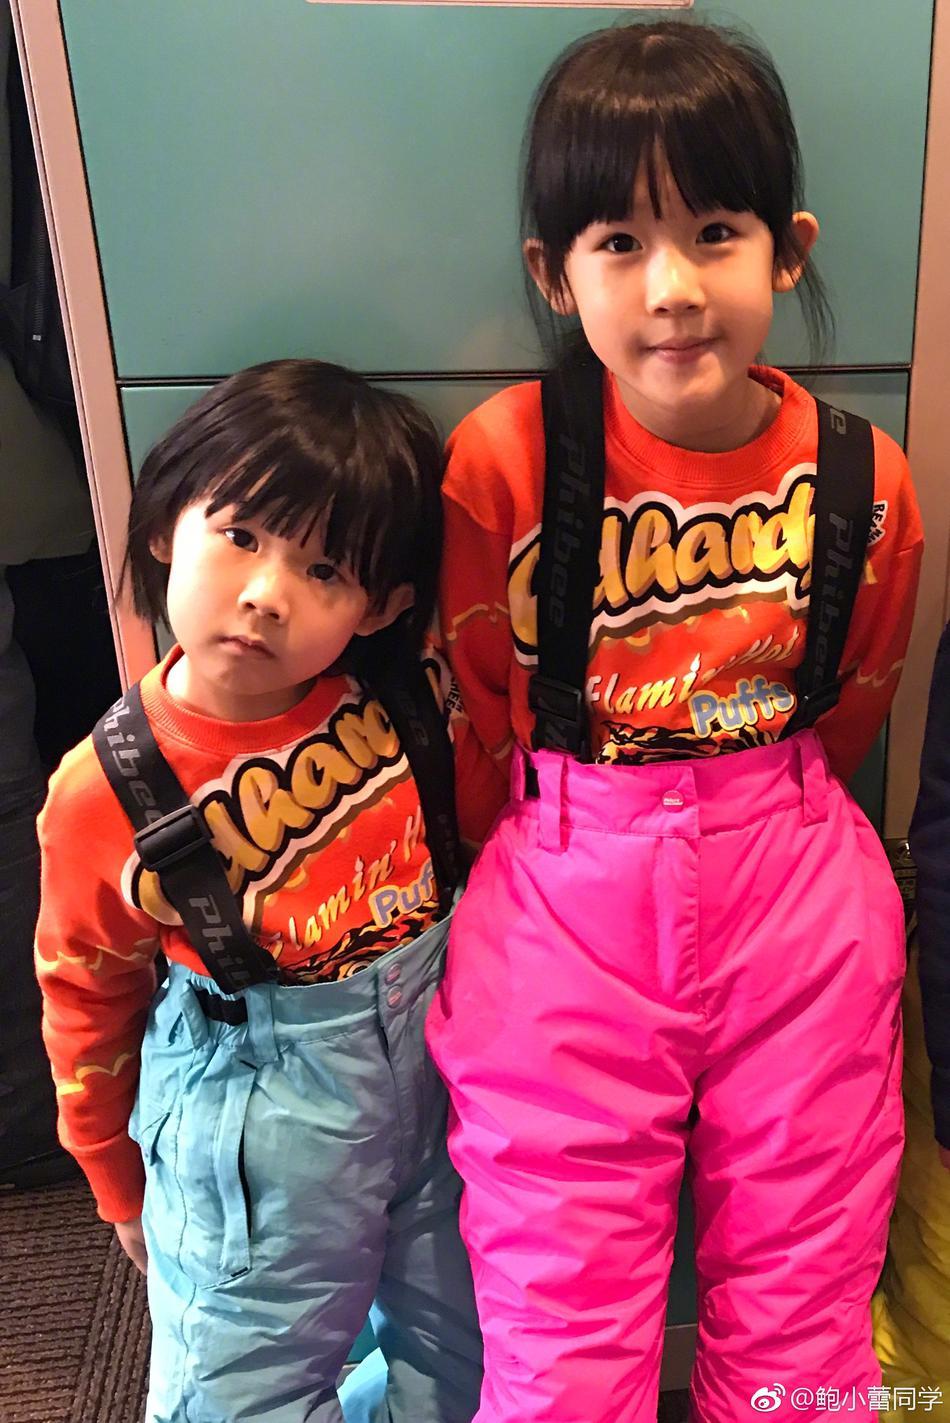 鲍蕾带女儿滑雪度假 贝儿和小叶子穿姐妹装愈发相像